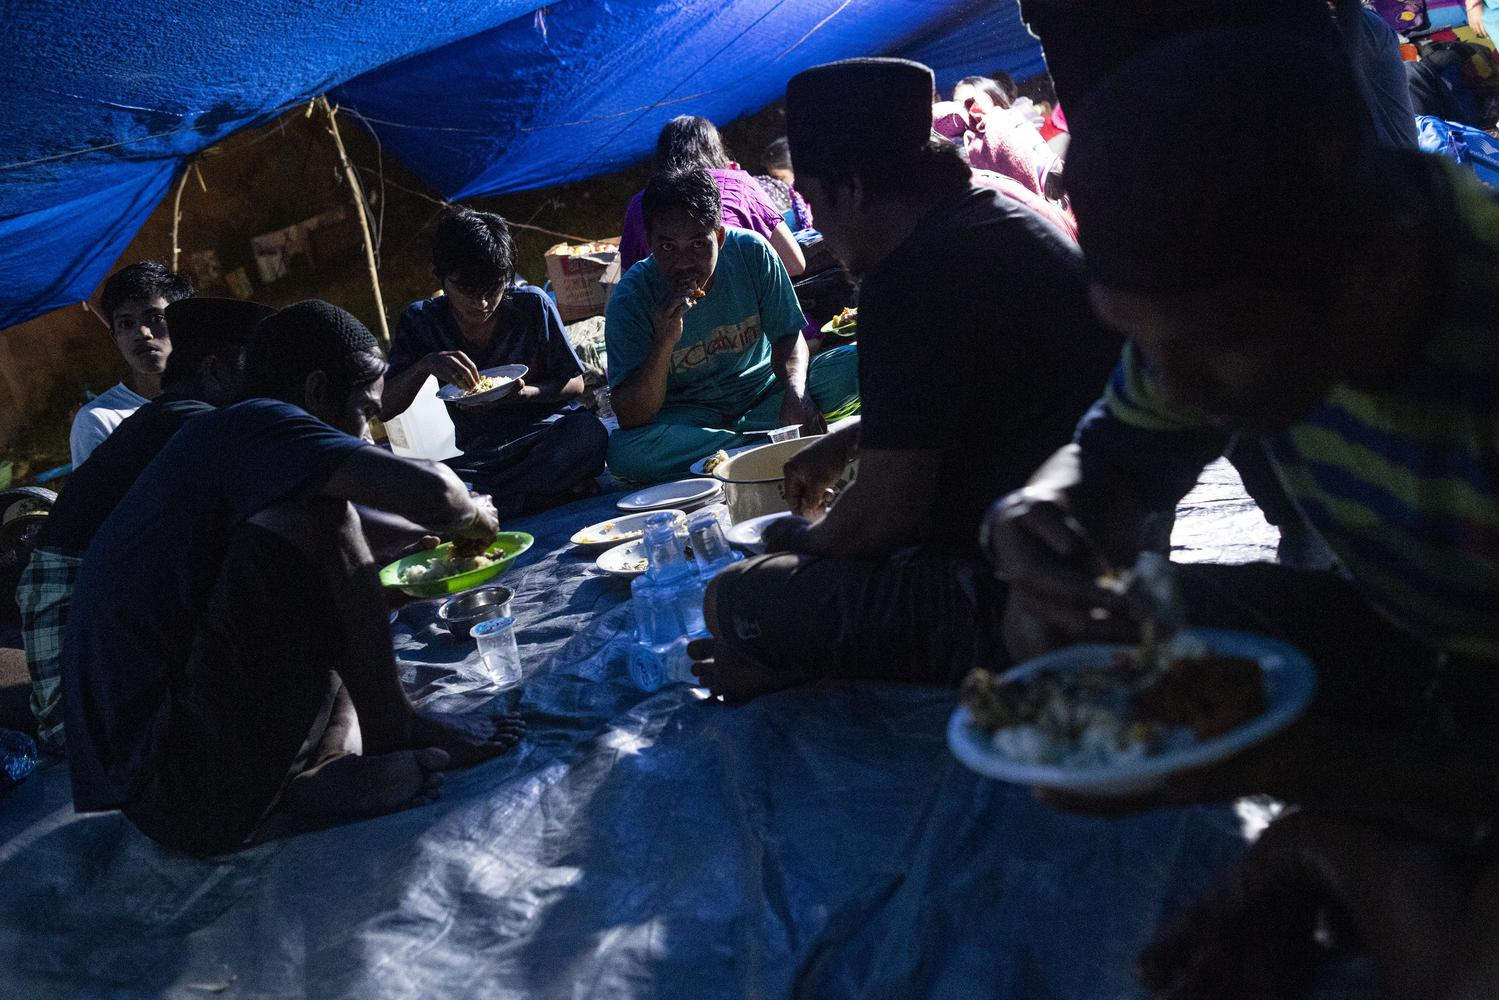 Sejumlah pengungsi korban gempa makan malam di tenda darurat yang mereka buat di kompleks Stadion Manakarra, Mamuju, Sulawesi Barat, Minggu (17/1/2021). BNPB menyatakan berdasarkan data per 17 Januari pukul 14.00 WIB jumlah korban gempa bumi Sulawesi Barat yang meninggal berjumlah 73 orang dan sebanyak 27.850 orang mengungsi di 25 titik pengungsian.